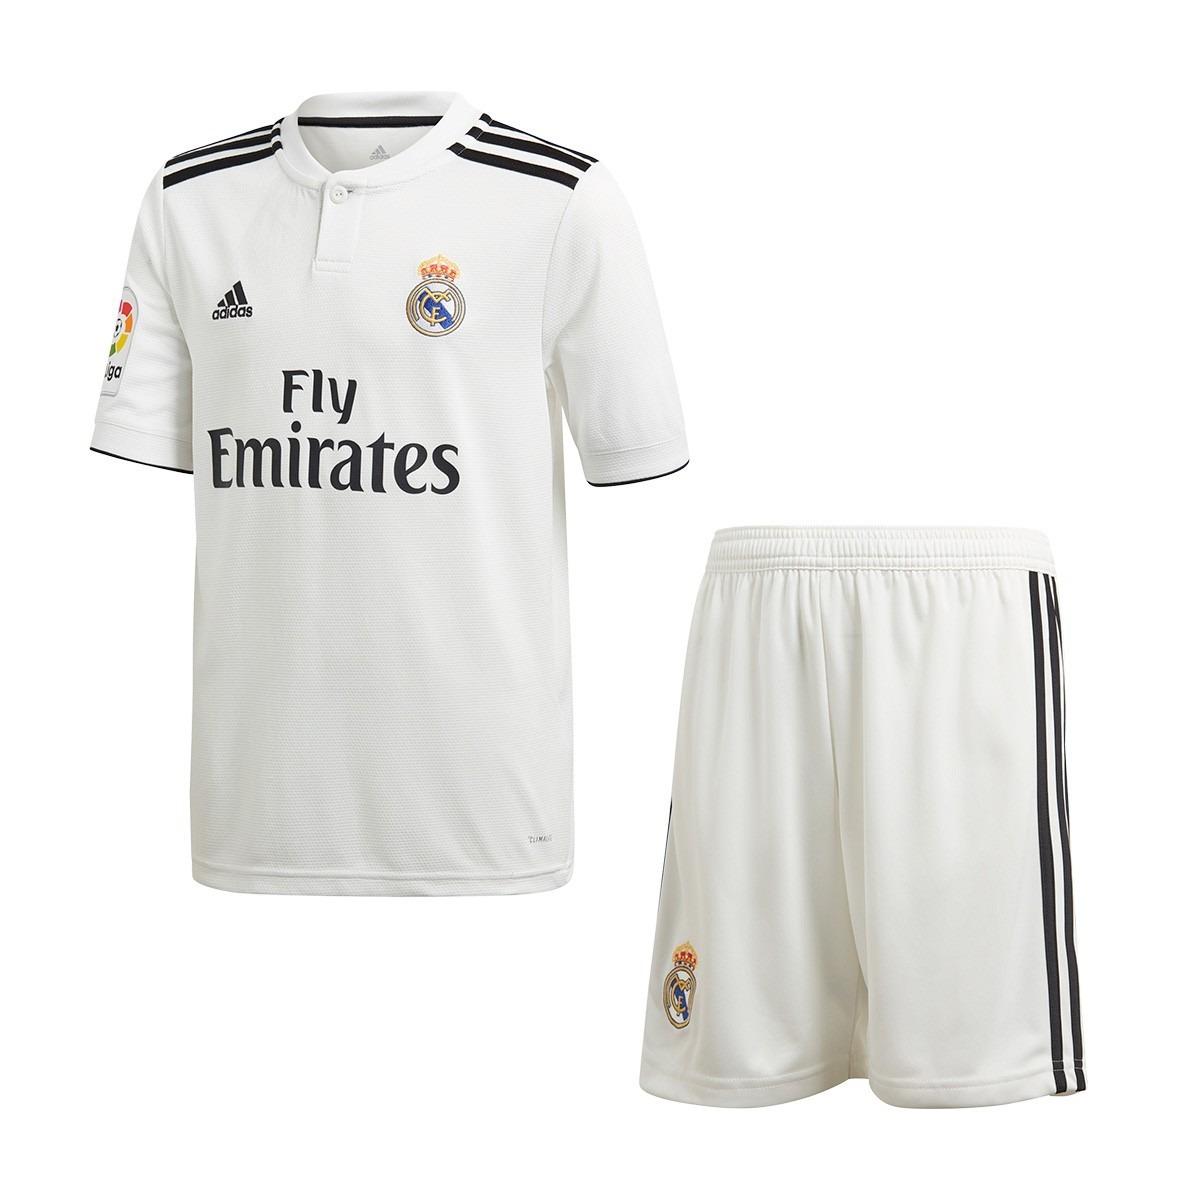 Real Madrid Nuevo Uniforme Niños 2019 -   59.990 en Mercado Libre d82d9ad76fed4